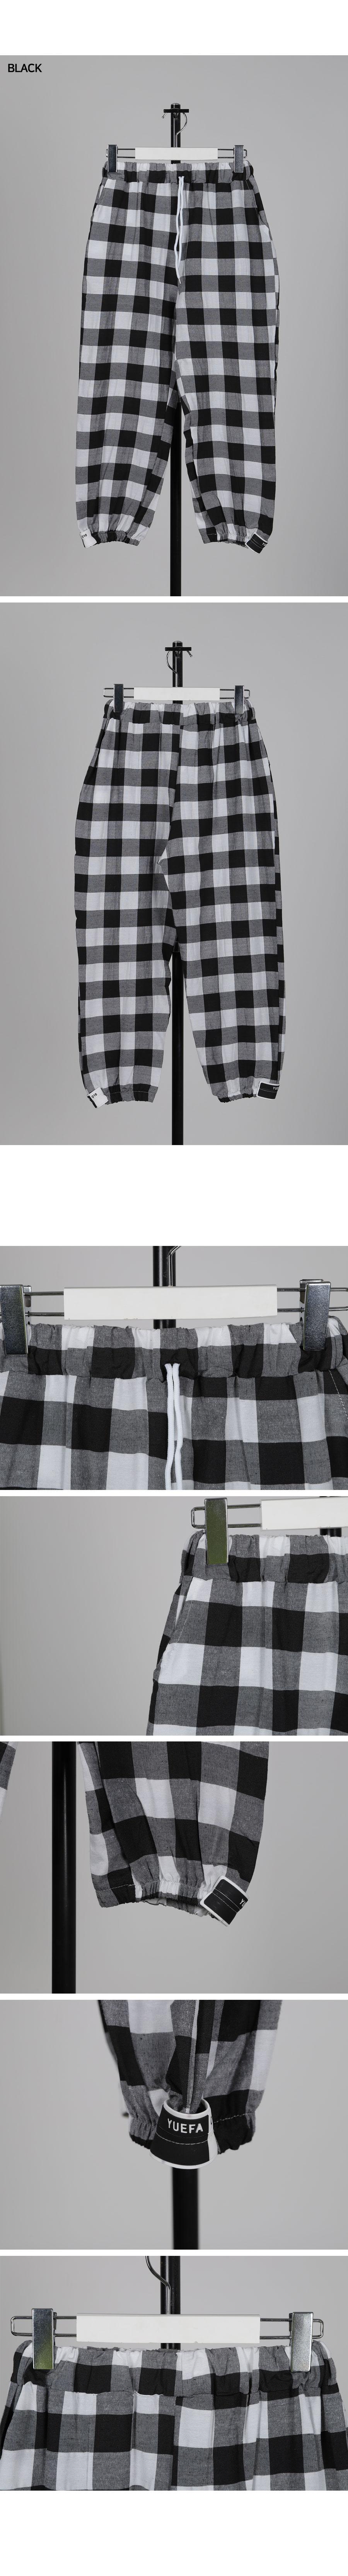 파자마 체크 조거팬츠 - 써리미, 9,000원, 스트릿패션, 긴바지